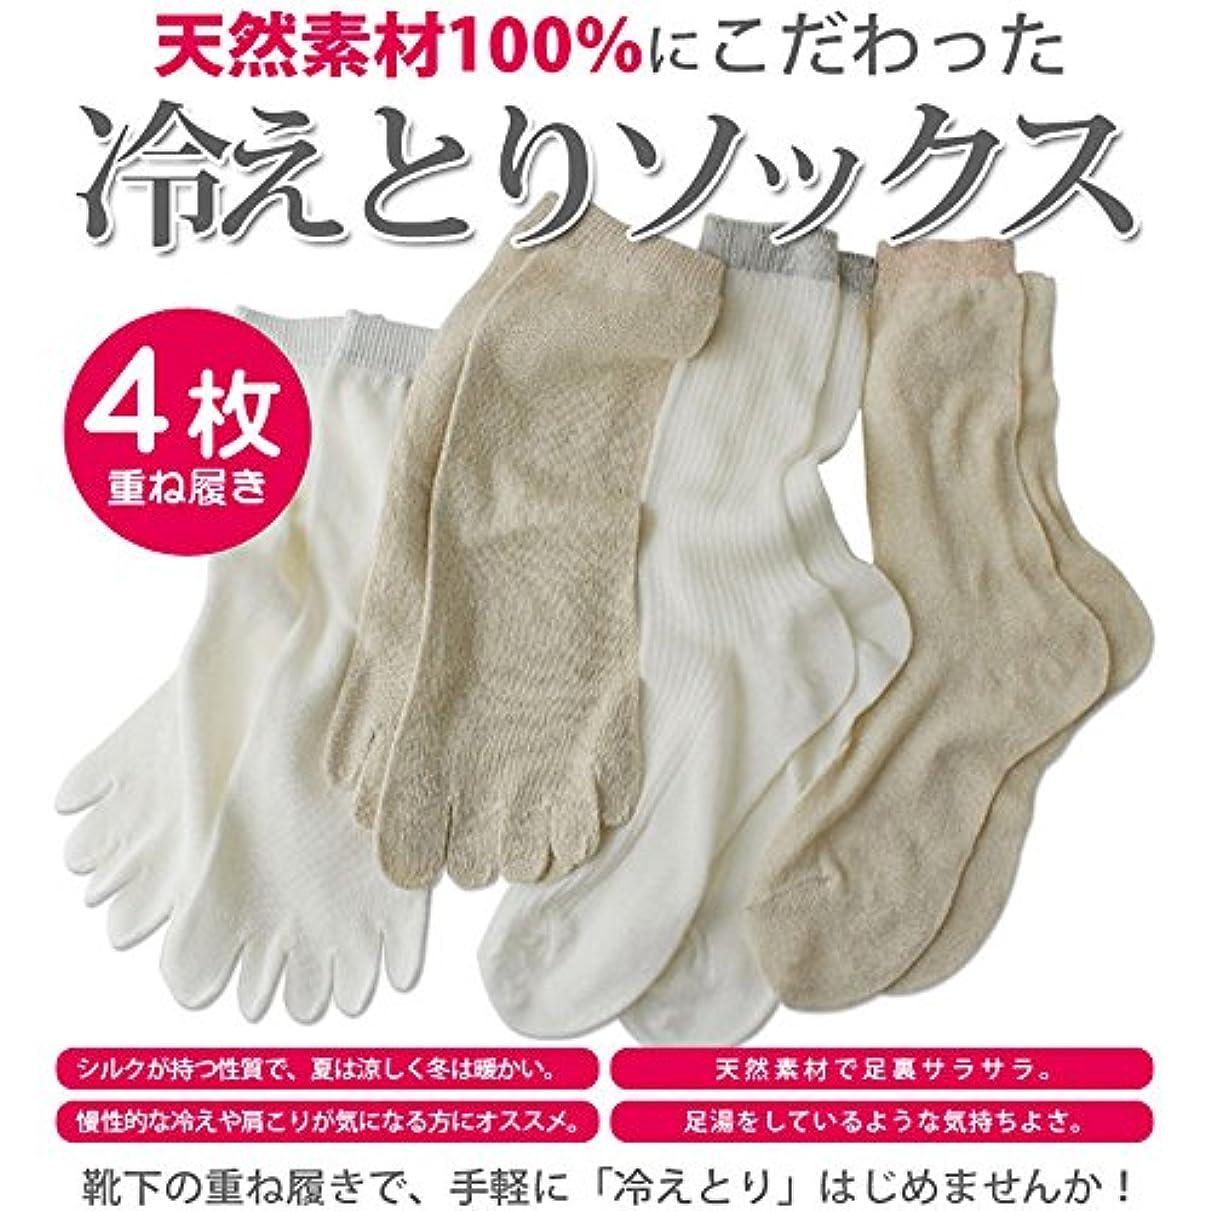 遡るバンジョー廃棄する冷え取り靴下 綿100%とシルク100% 呼吸ソックス 4枚重ねばきであったか 4枚セット